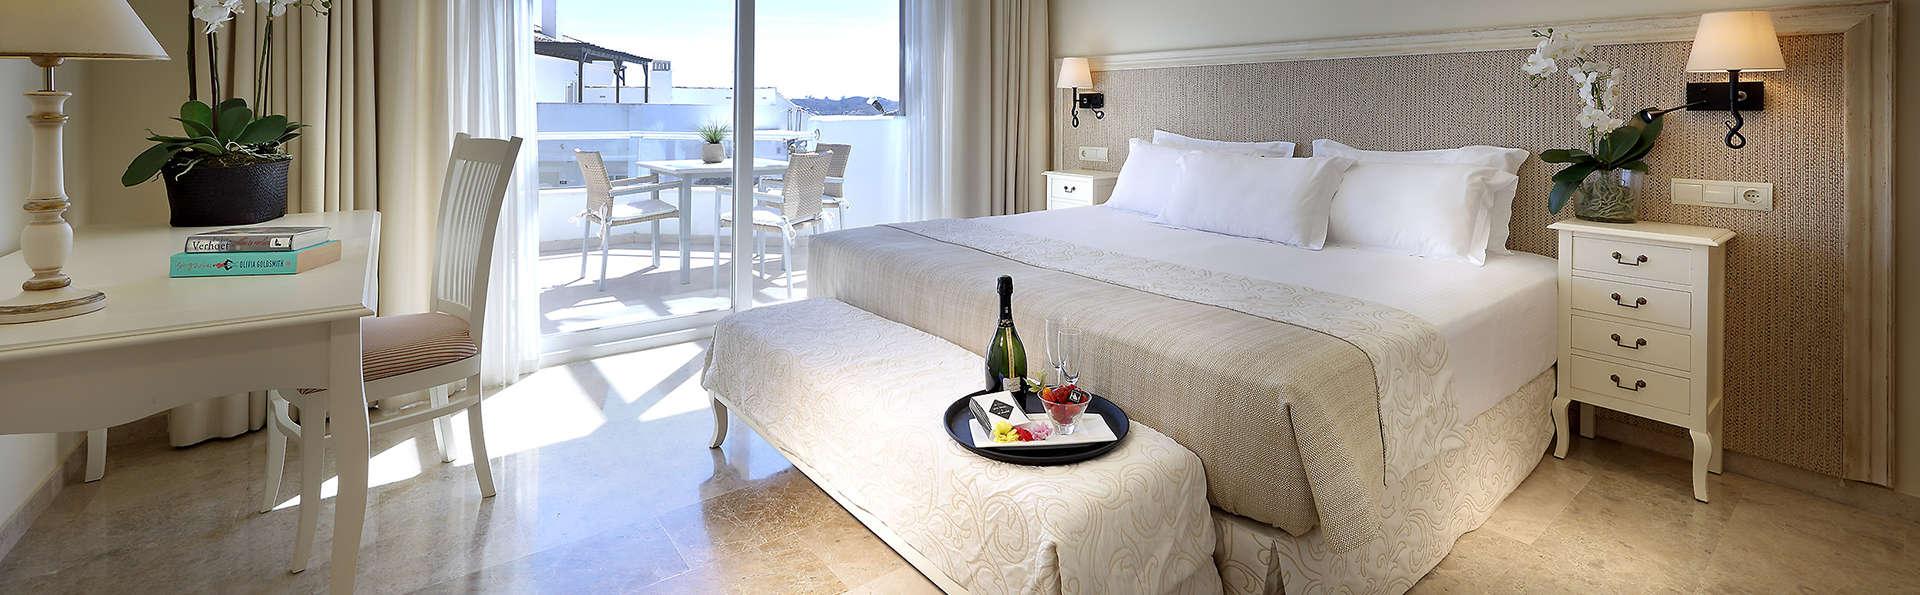 100% détente à Mijas : au spa, petit-déjeuner et surprises dans la chambre